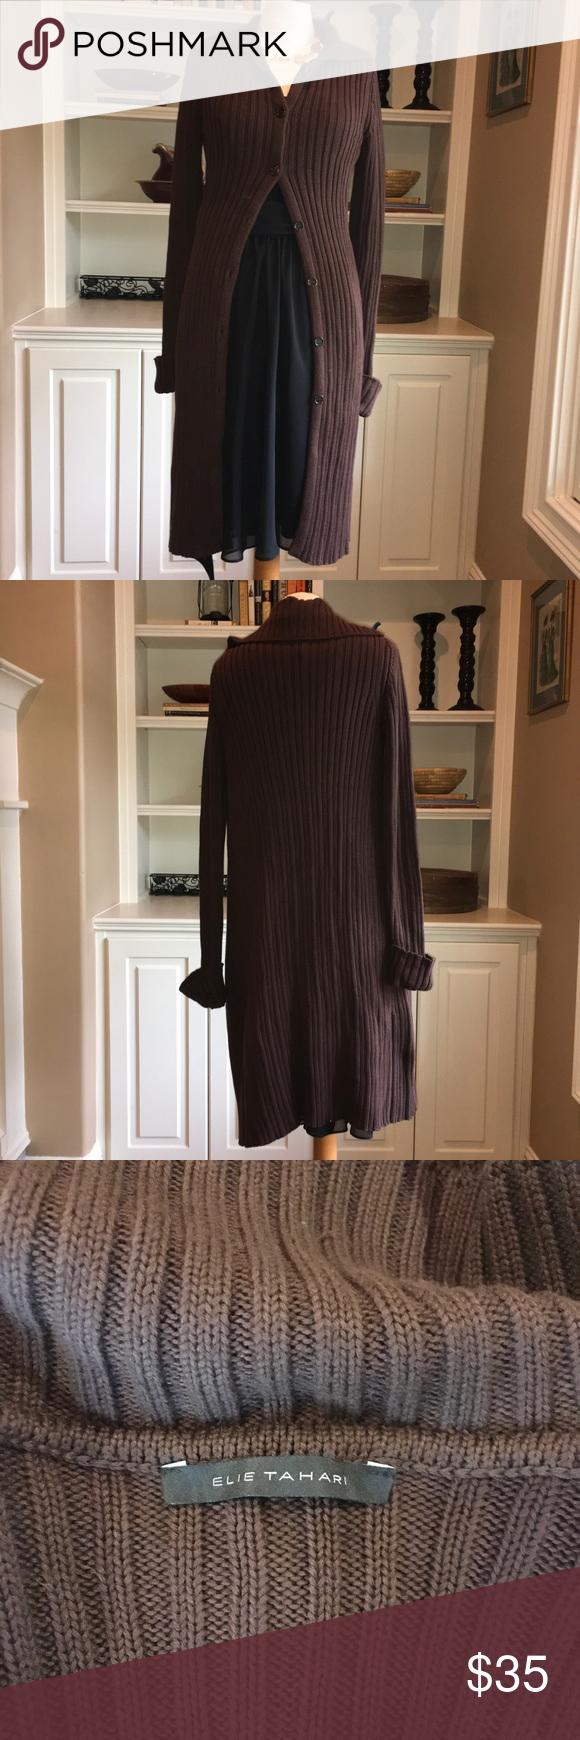 Elie Tahari Long Brown Sweater Jacket | Elie tahari, Brown and Cotton